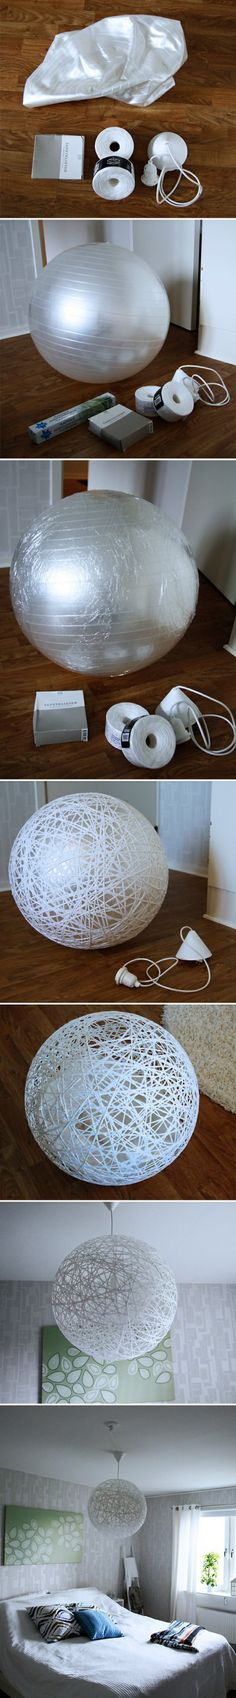 So kann man selber eine super coole Lampe machen. Mit einem Sitzball, Klarsichtfolie, Tapetenkleister und Papiergarn. Ballon aufblasen und dann mit Folie abdecken. Papiergarn darüber verteilen und dann mit Tapetenkleister bepinseln und trocknen lassen. Dann die Luft aus dem Ball lassen und entfernen.